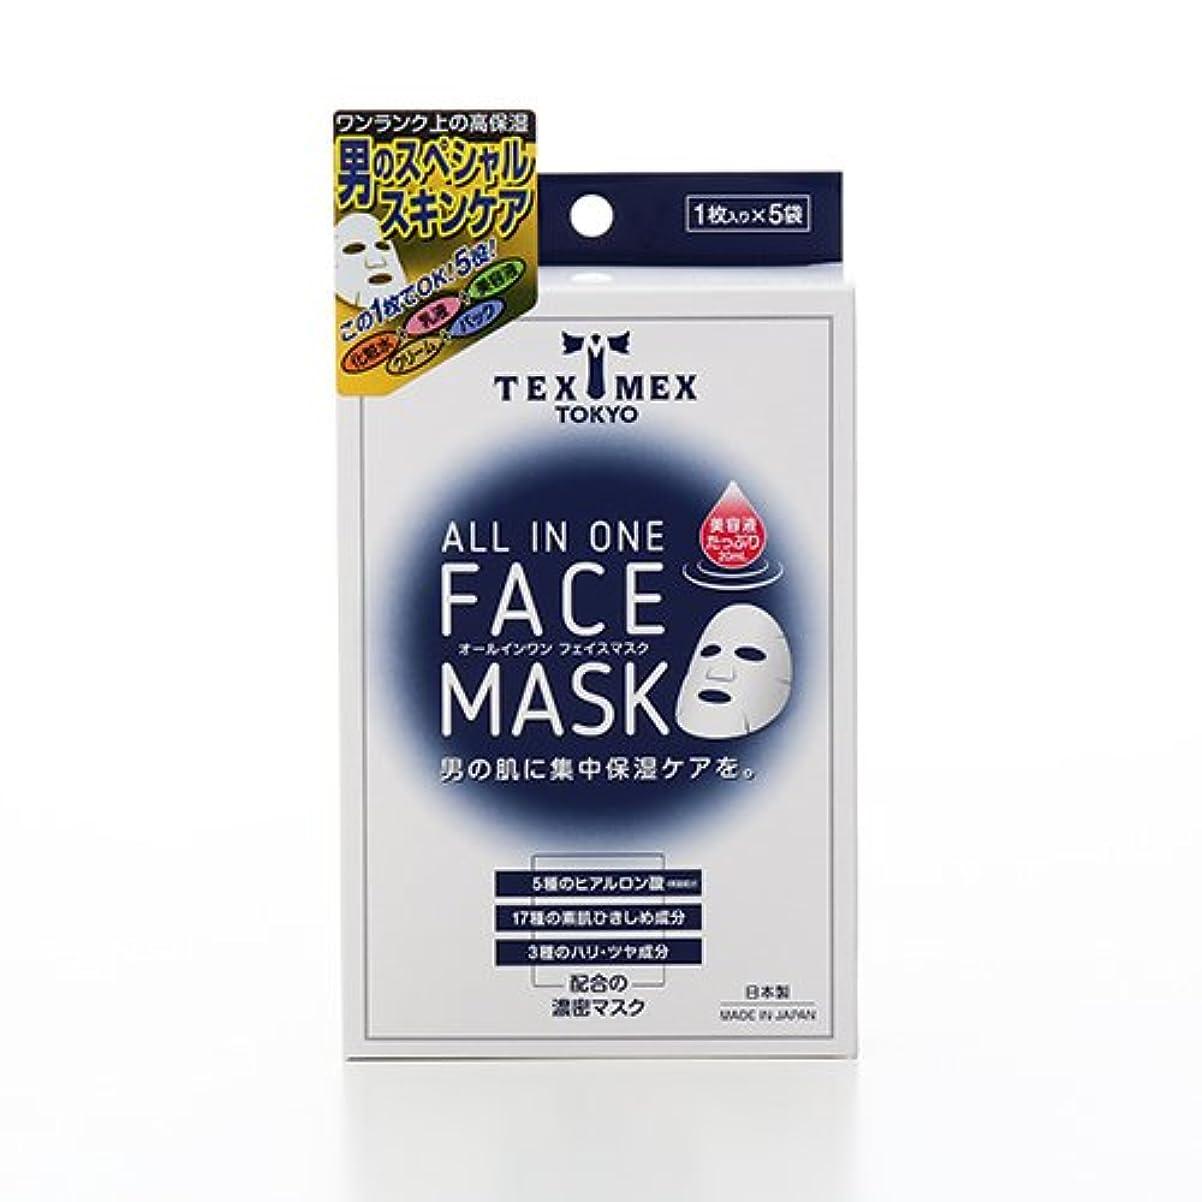 知的丘マネージャーテックスメックス オールインワンフェイスマスク 5袋入り 【シート状美容マスク】